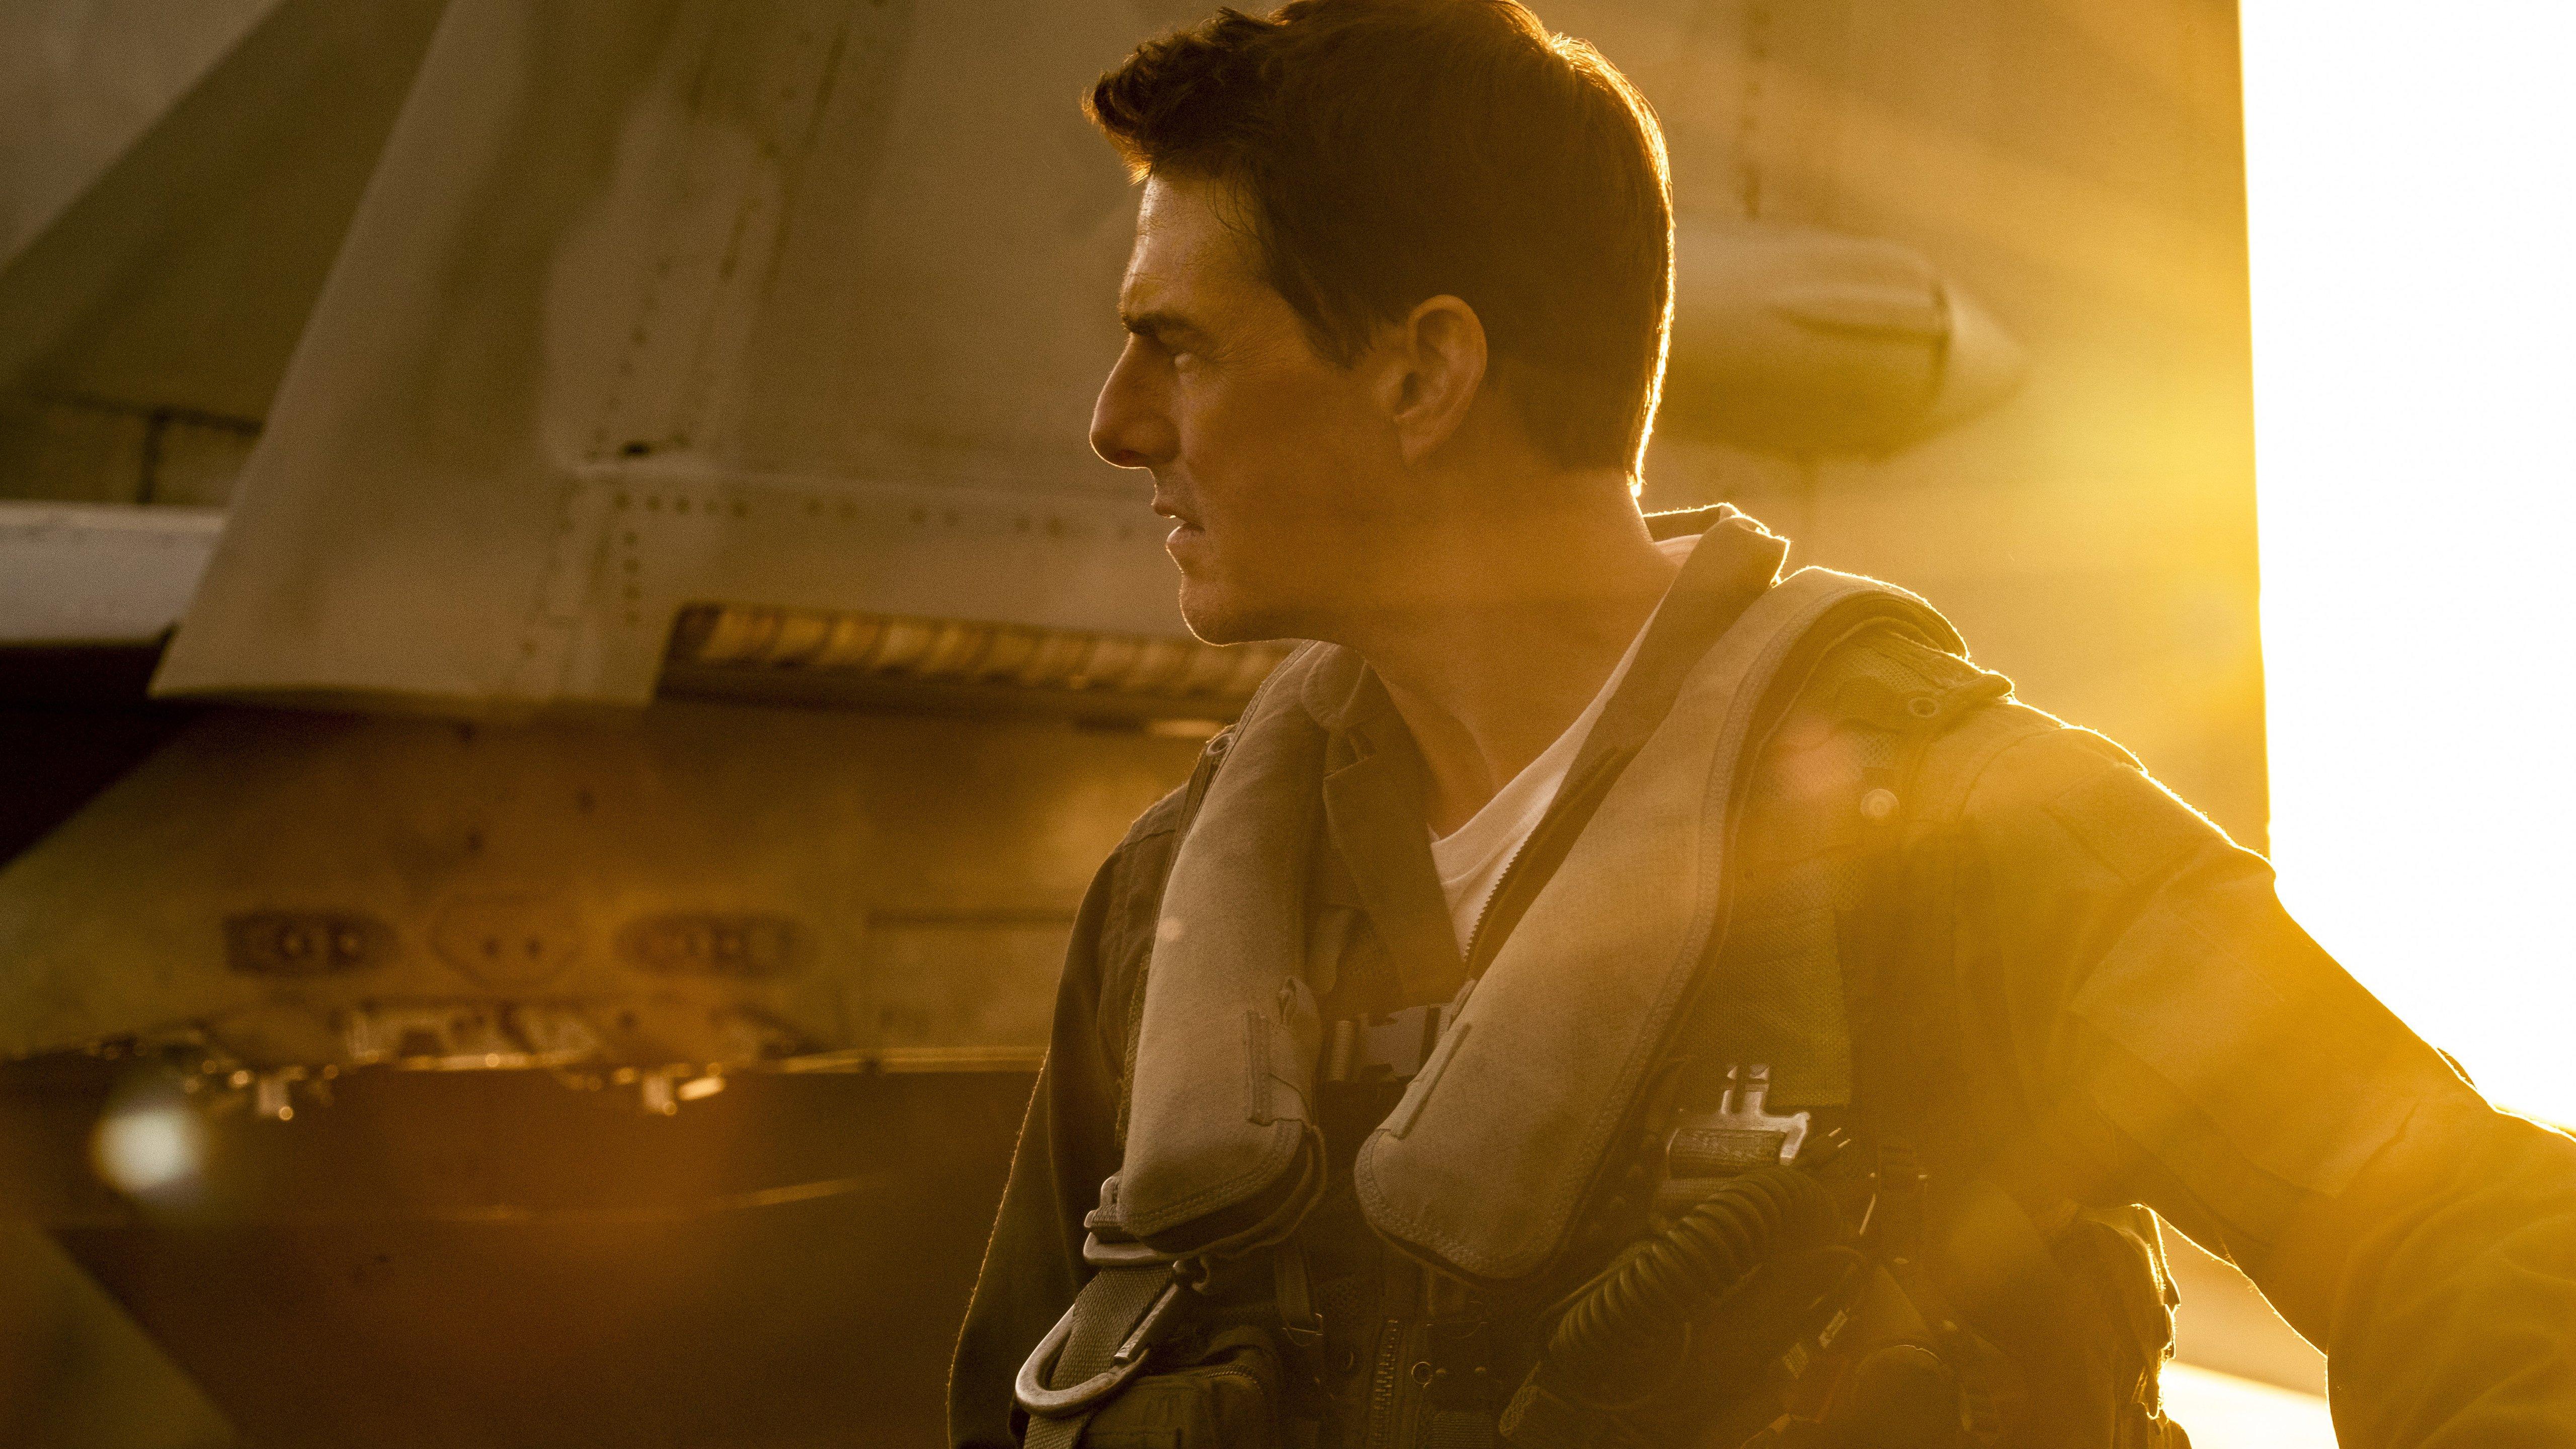 Fondos de pantalla Top Gun Maverick Película